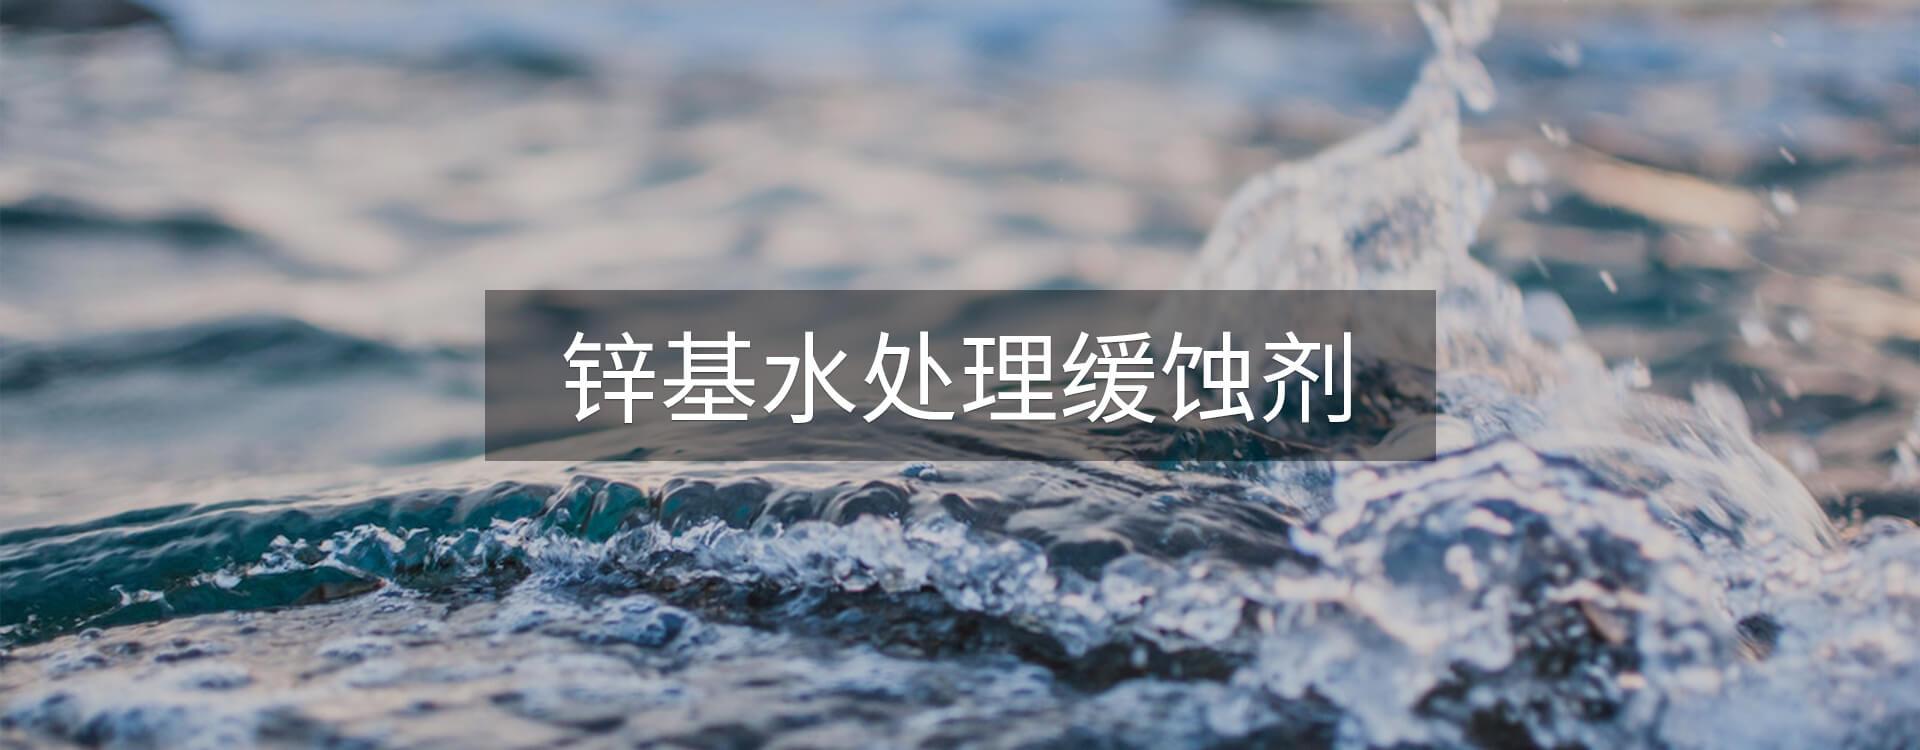 锌基水处理缓蚀剂